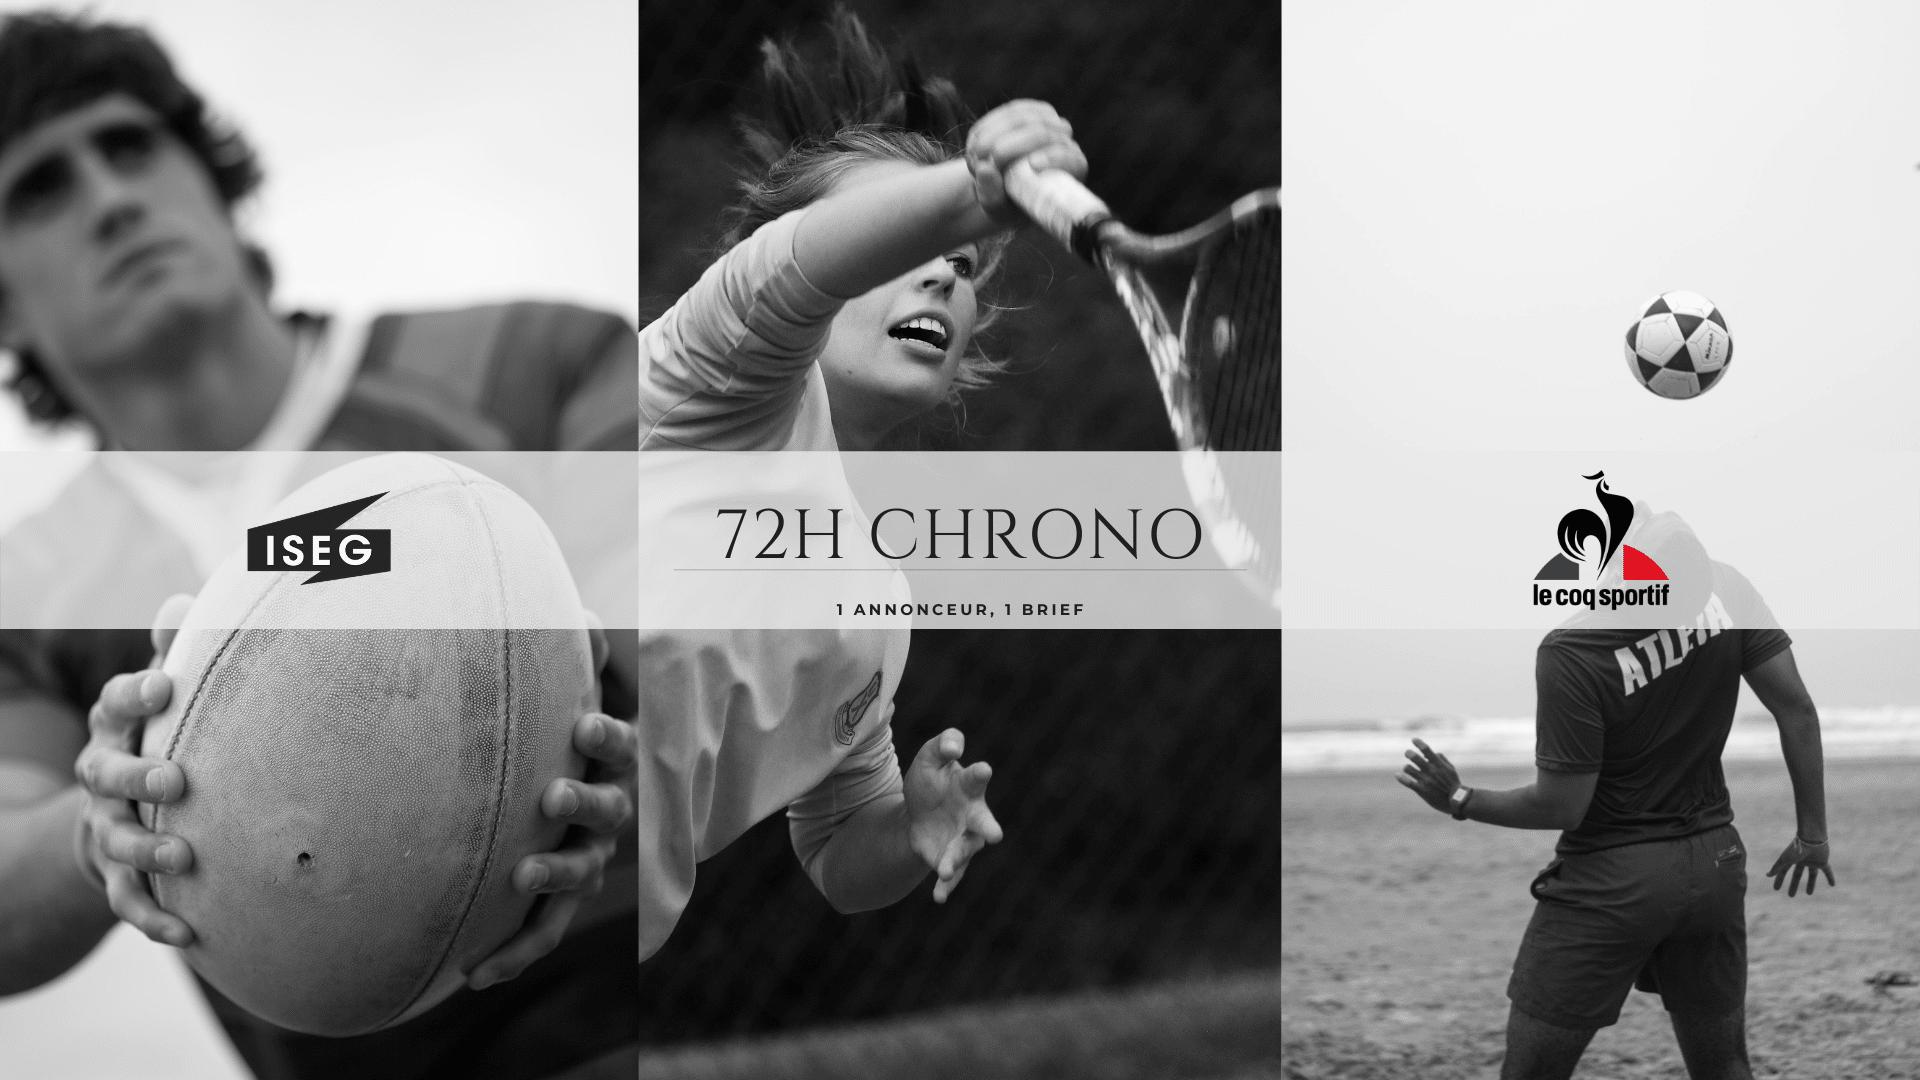 Le Coq Sportif : l'annonceur du Challenge 72H Chrono